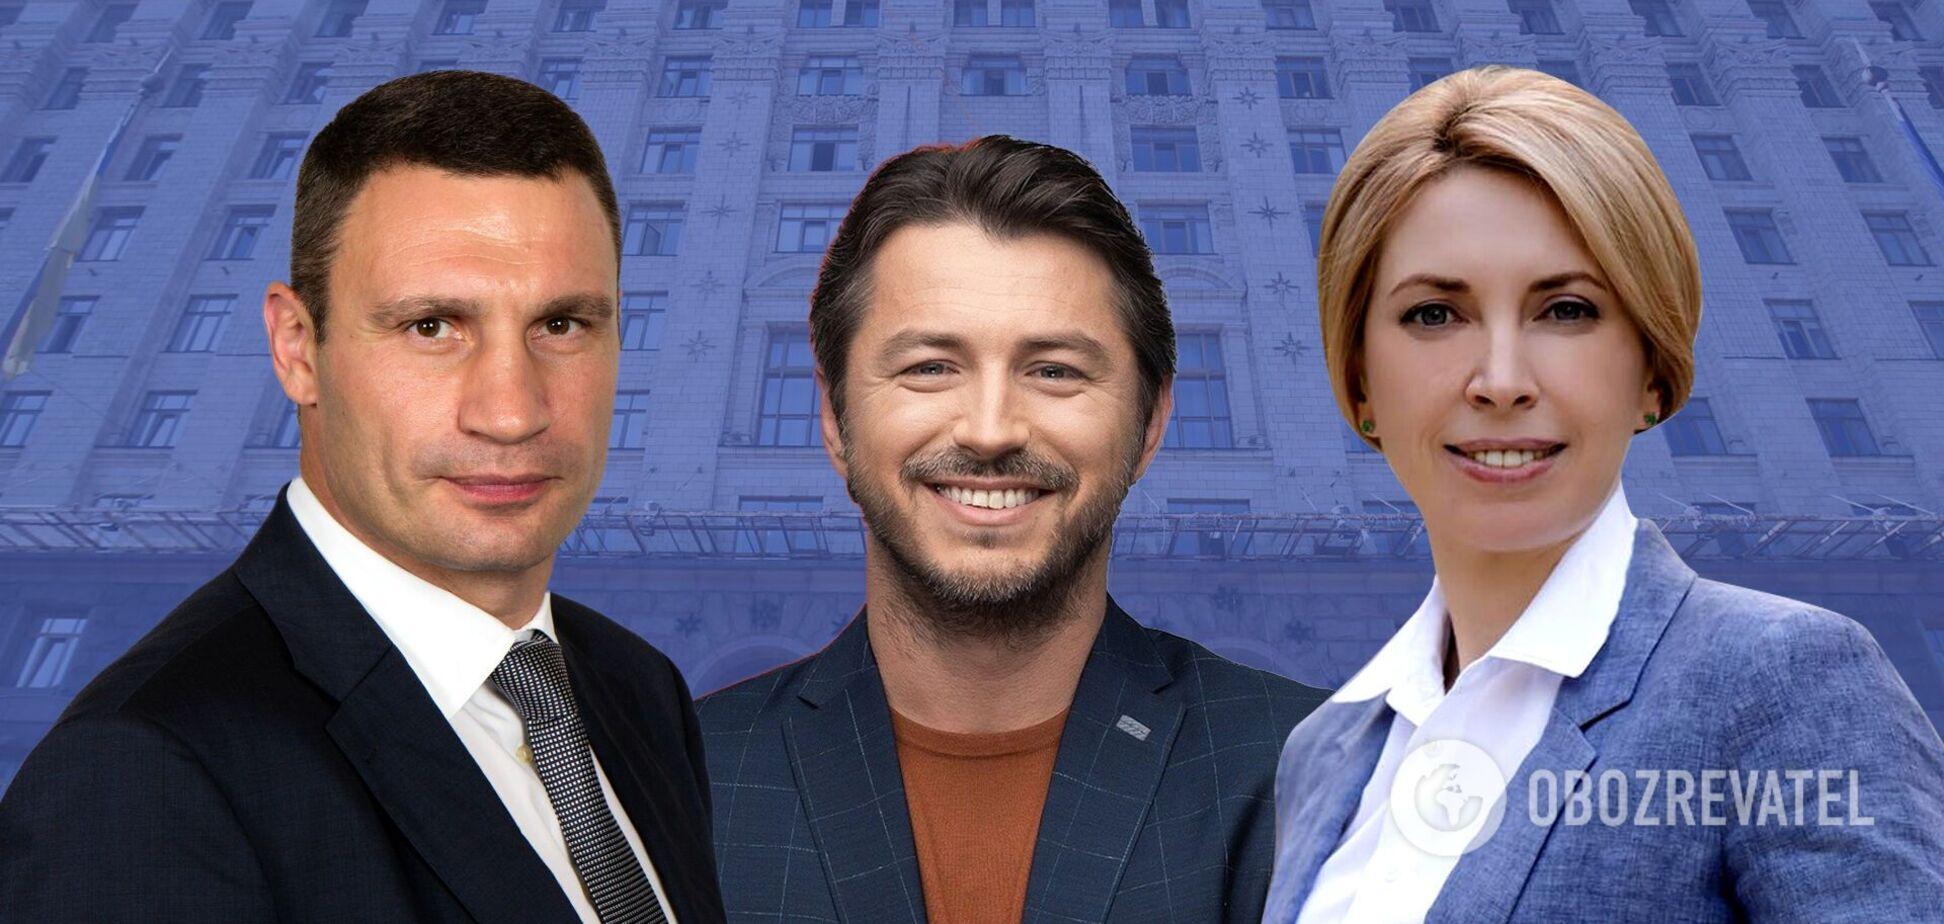 Вибори мера Києва відбудуться 25 жовтня 2020 року